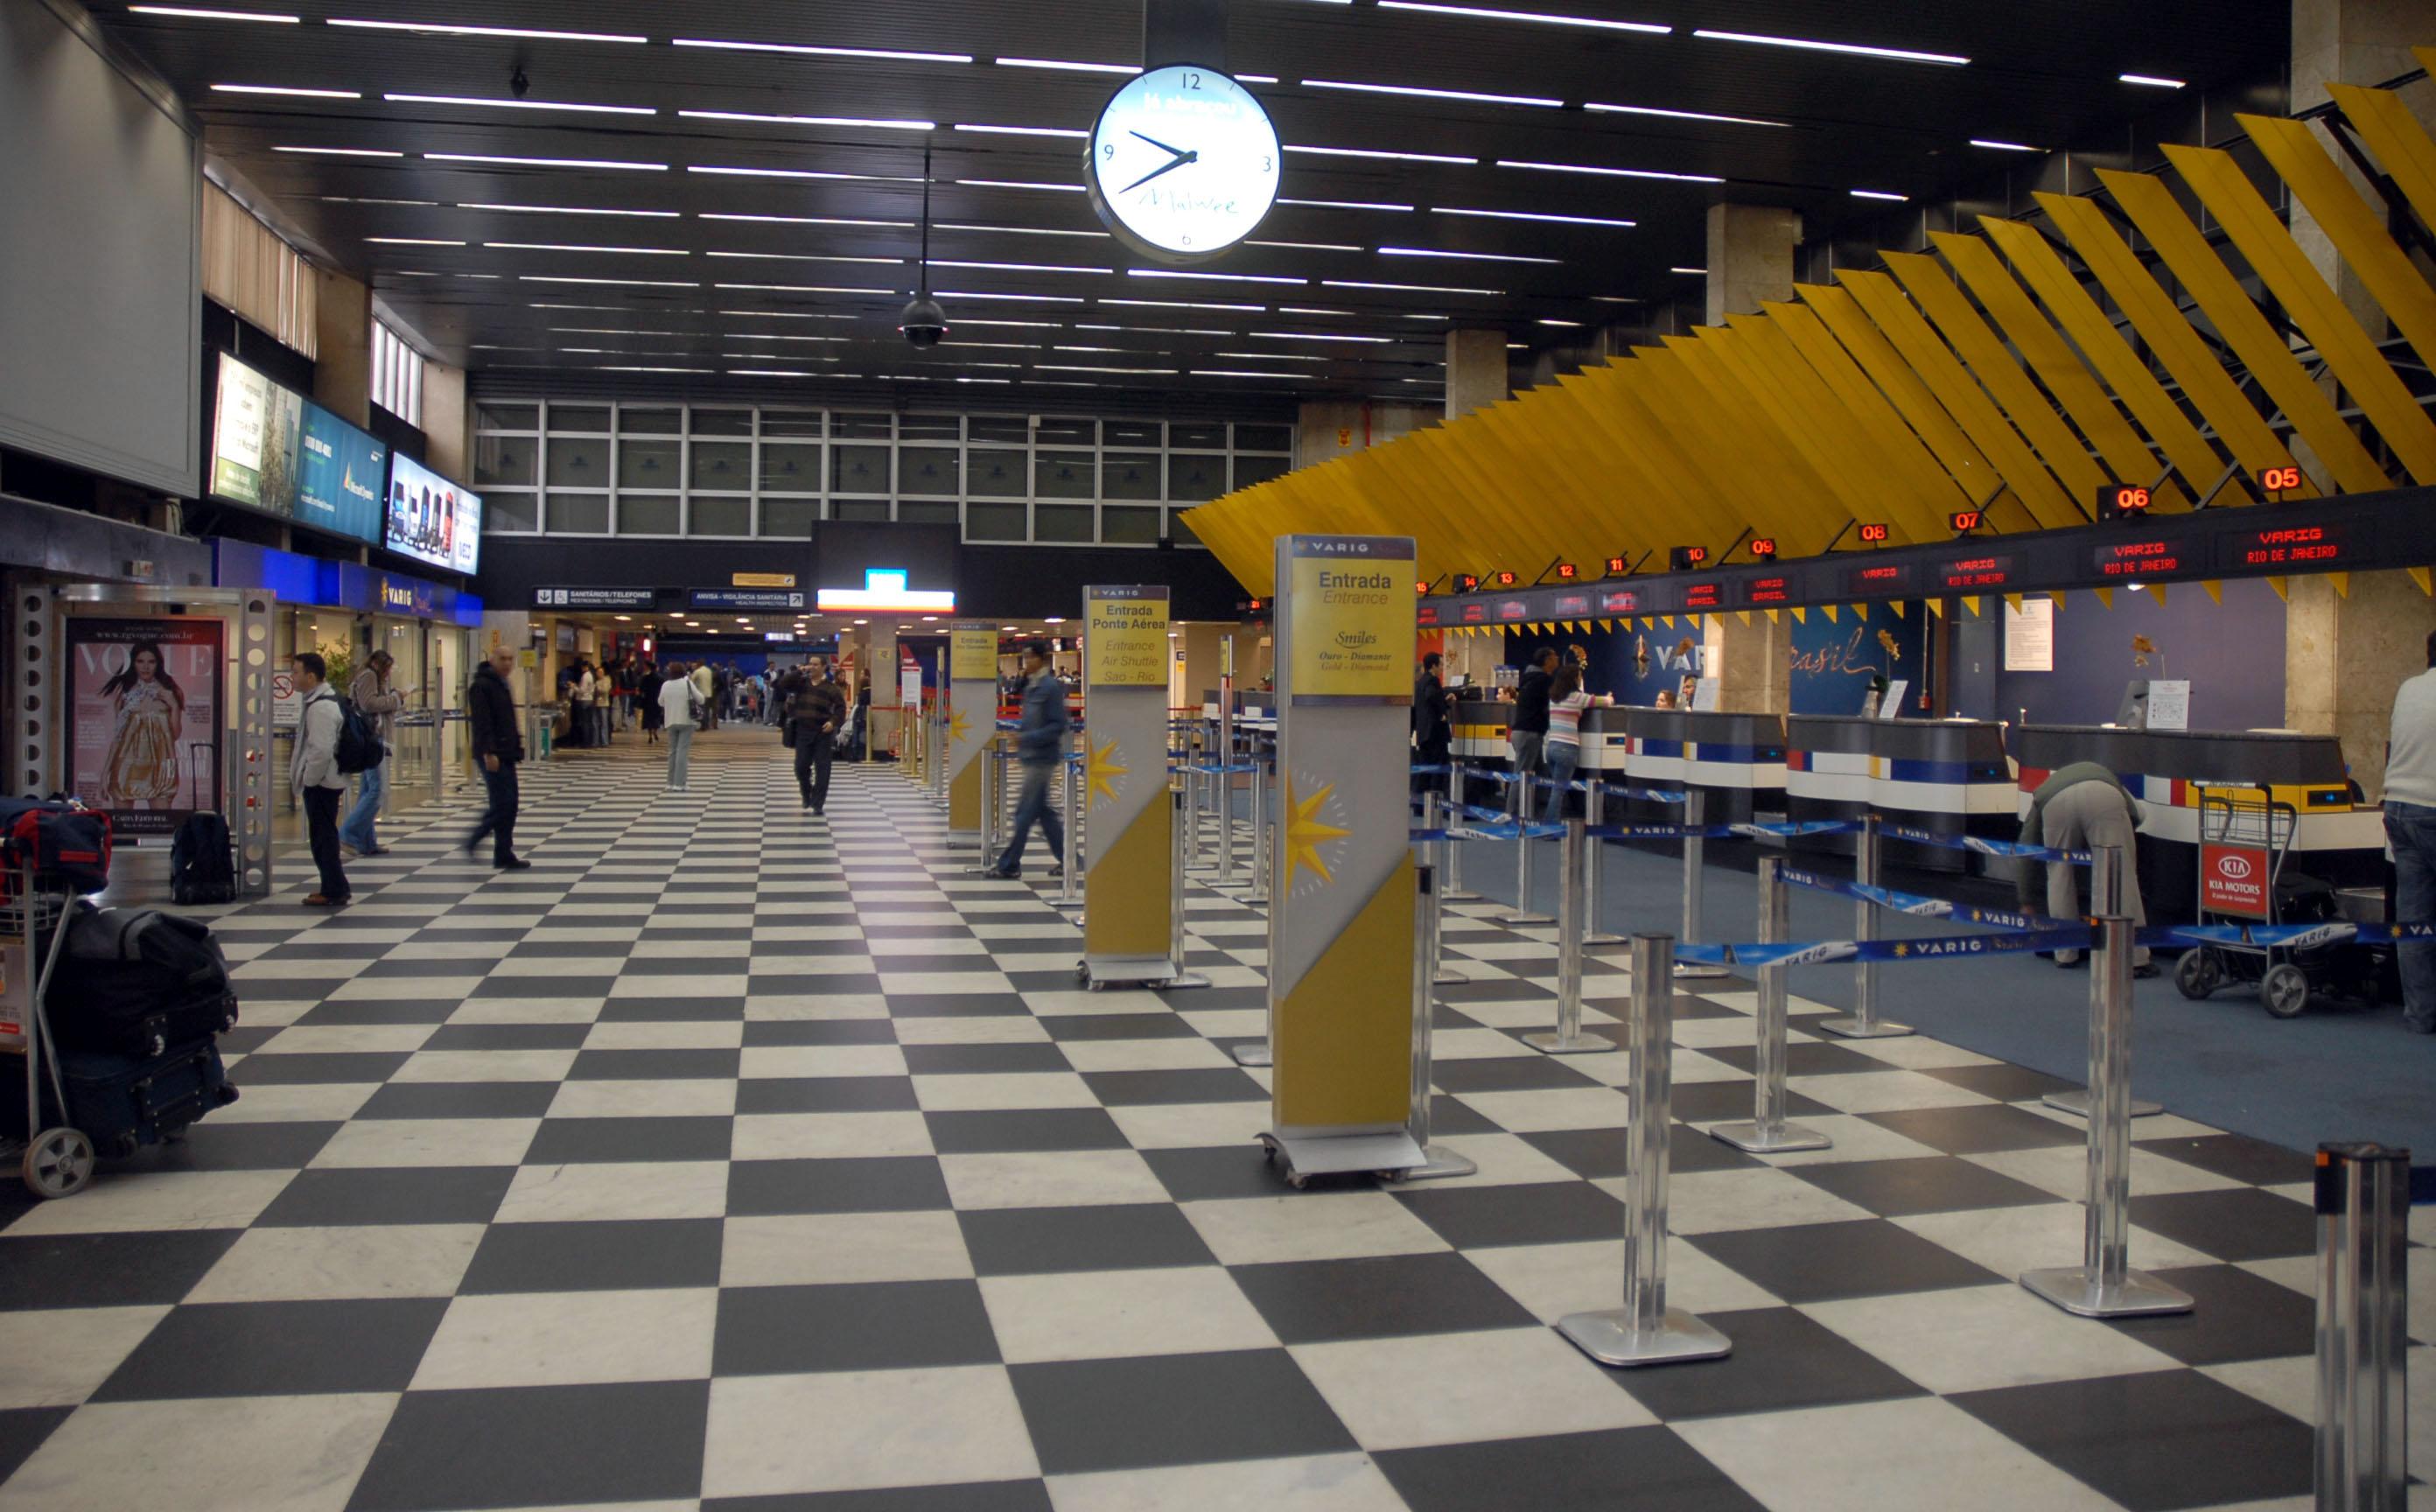 Aeroporto Sp : Aeroporto de são paulo congonhas u2013 wikipédia a enciclopédia livre